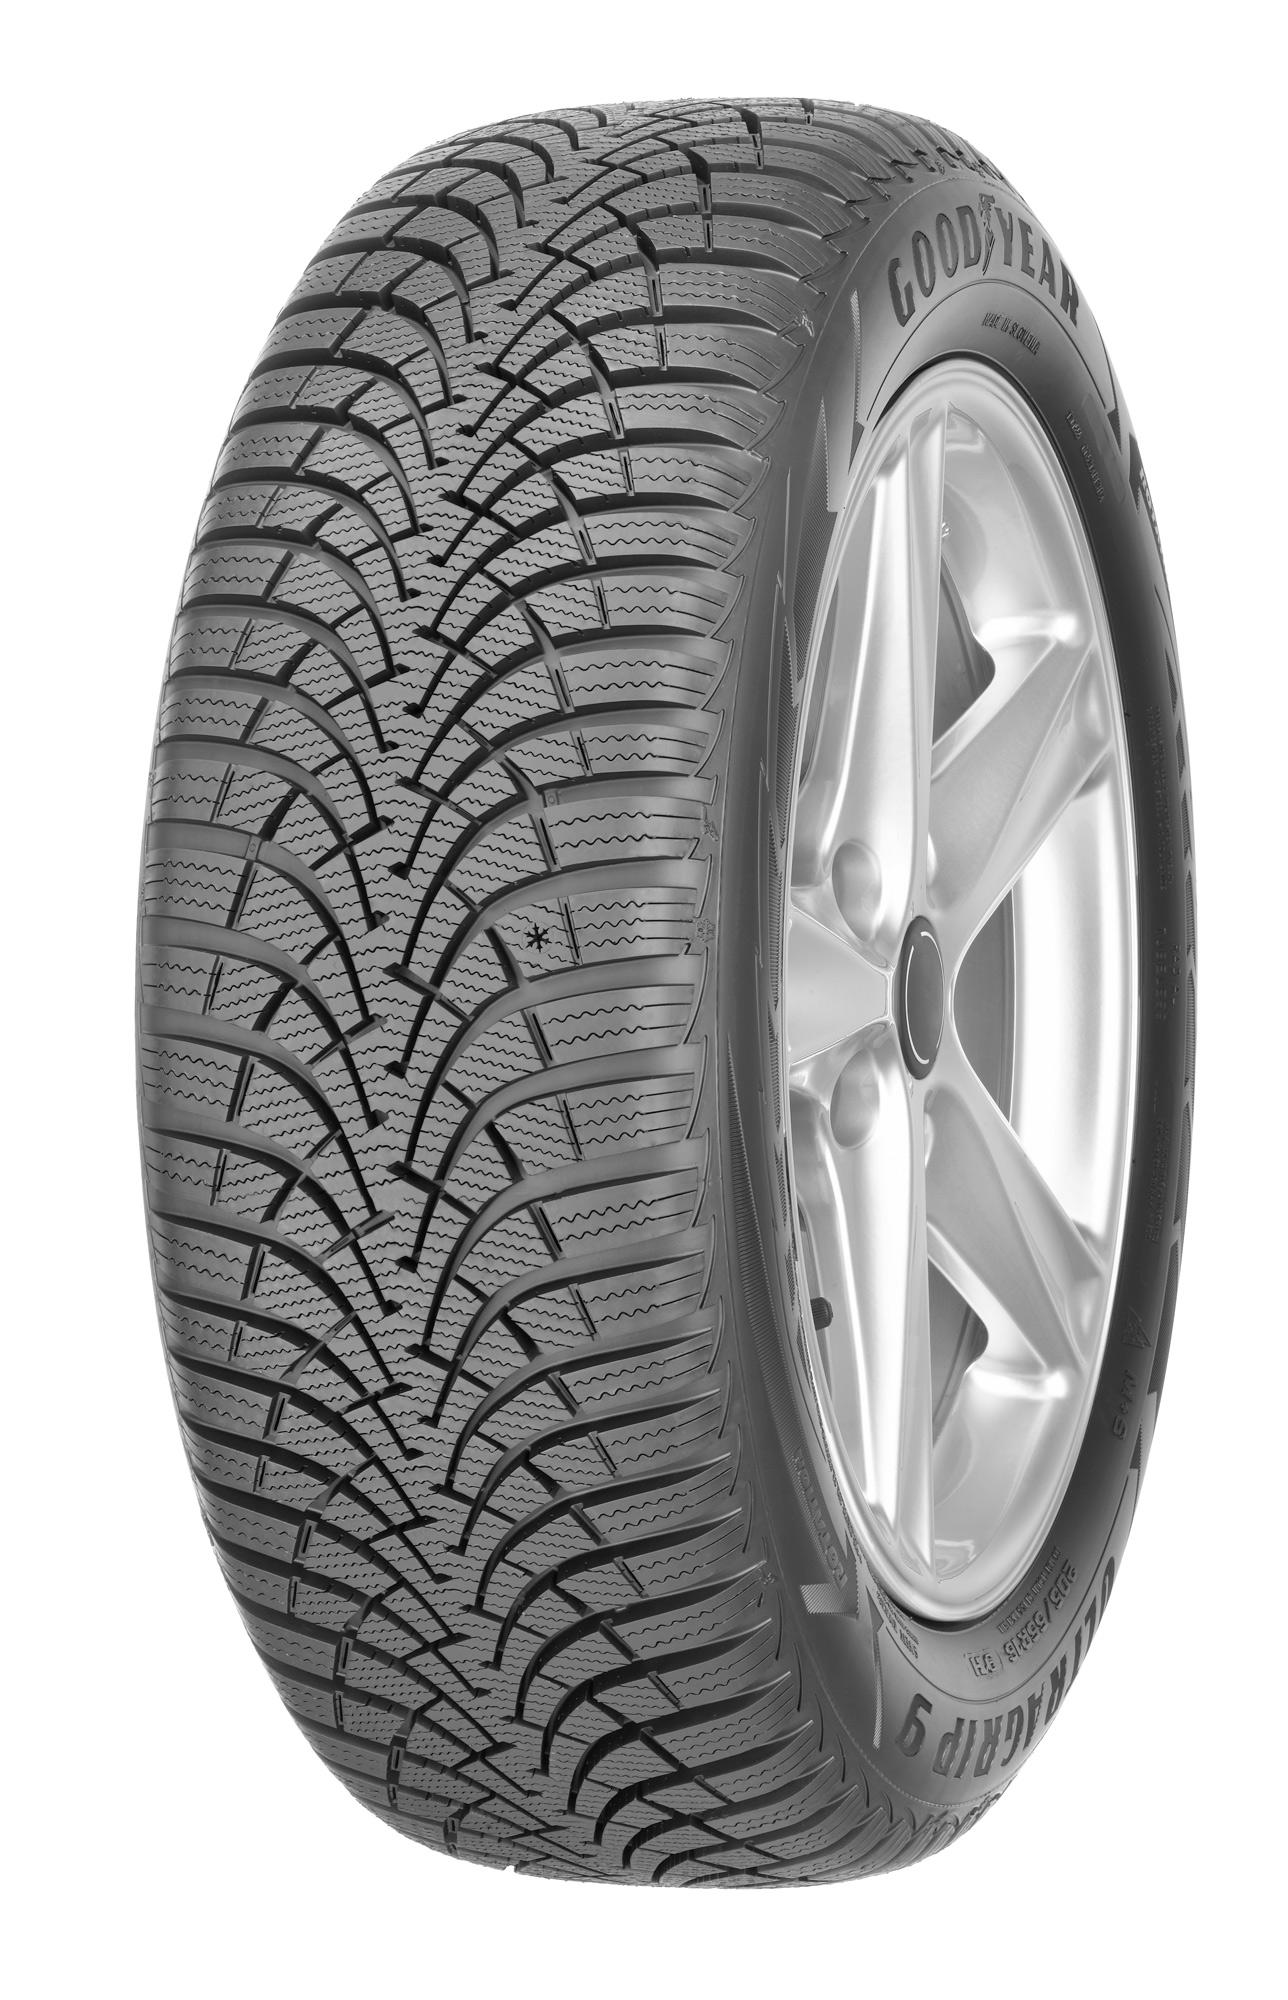 Купить зимние шины в гомеле 205/55 r16 шины купить maxxis 215 65 r16